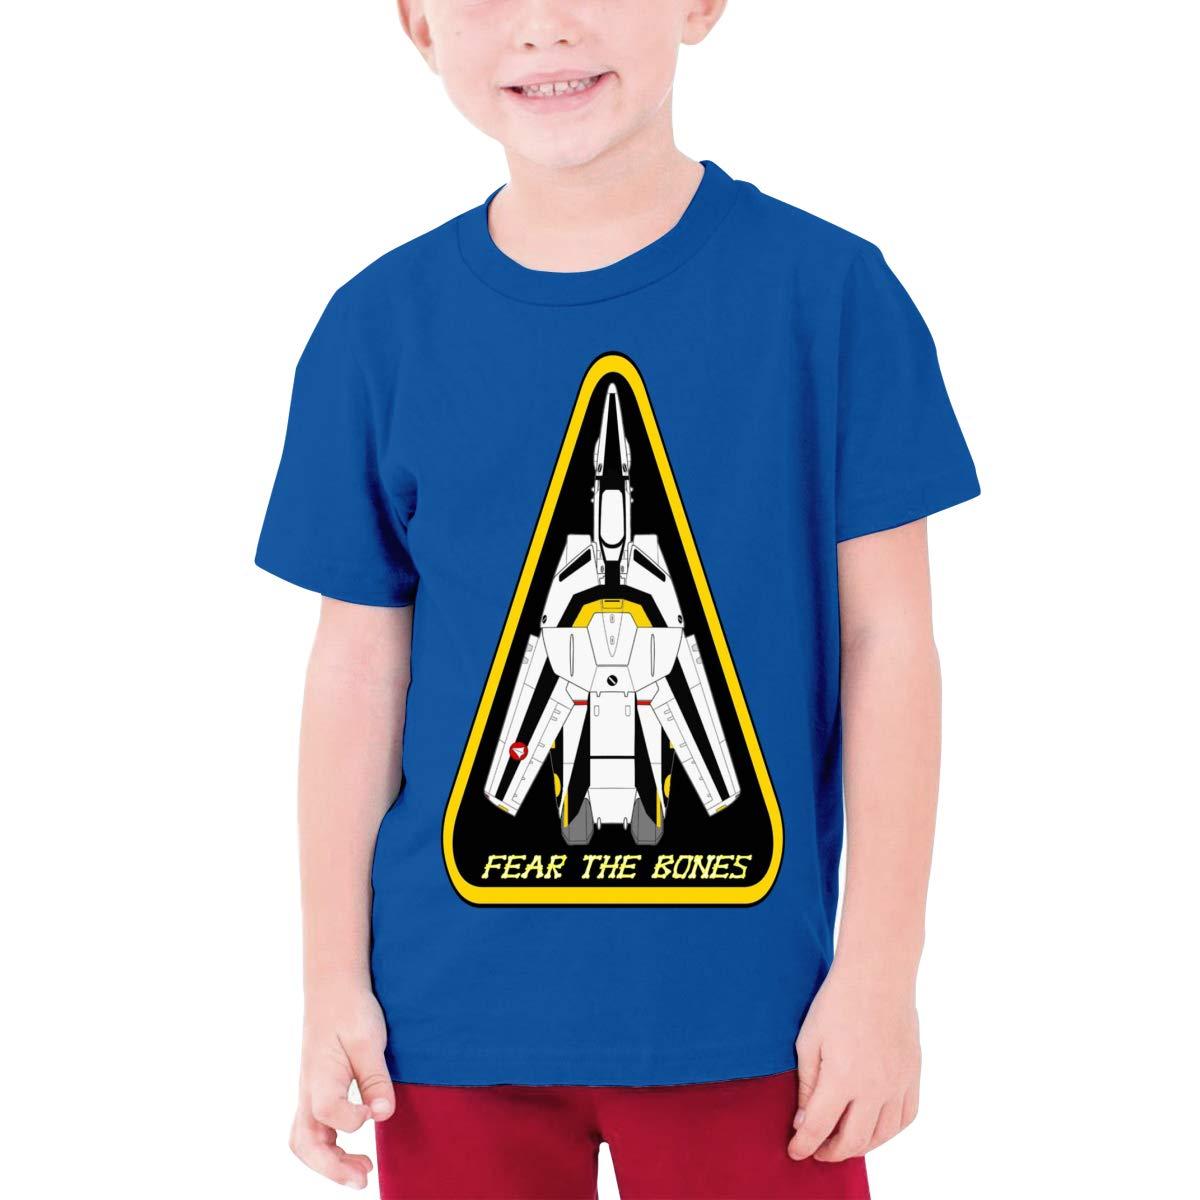 XYMYFC-E Hi Hawaii Hi Life 2-6 Years Old Boys /& Girls Short-Sleeved T Shirt